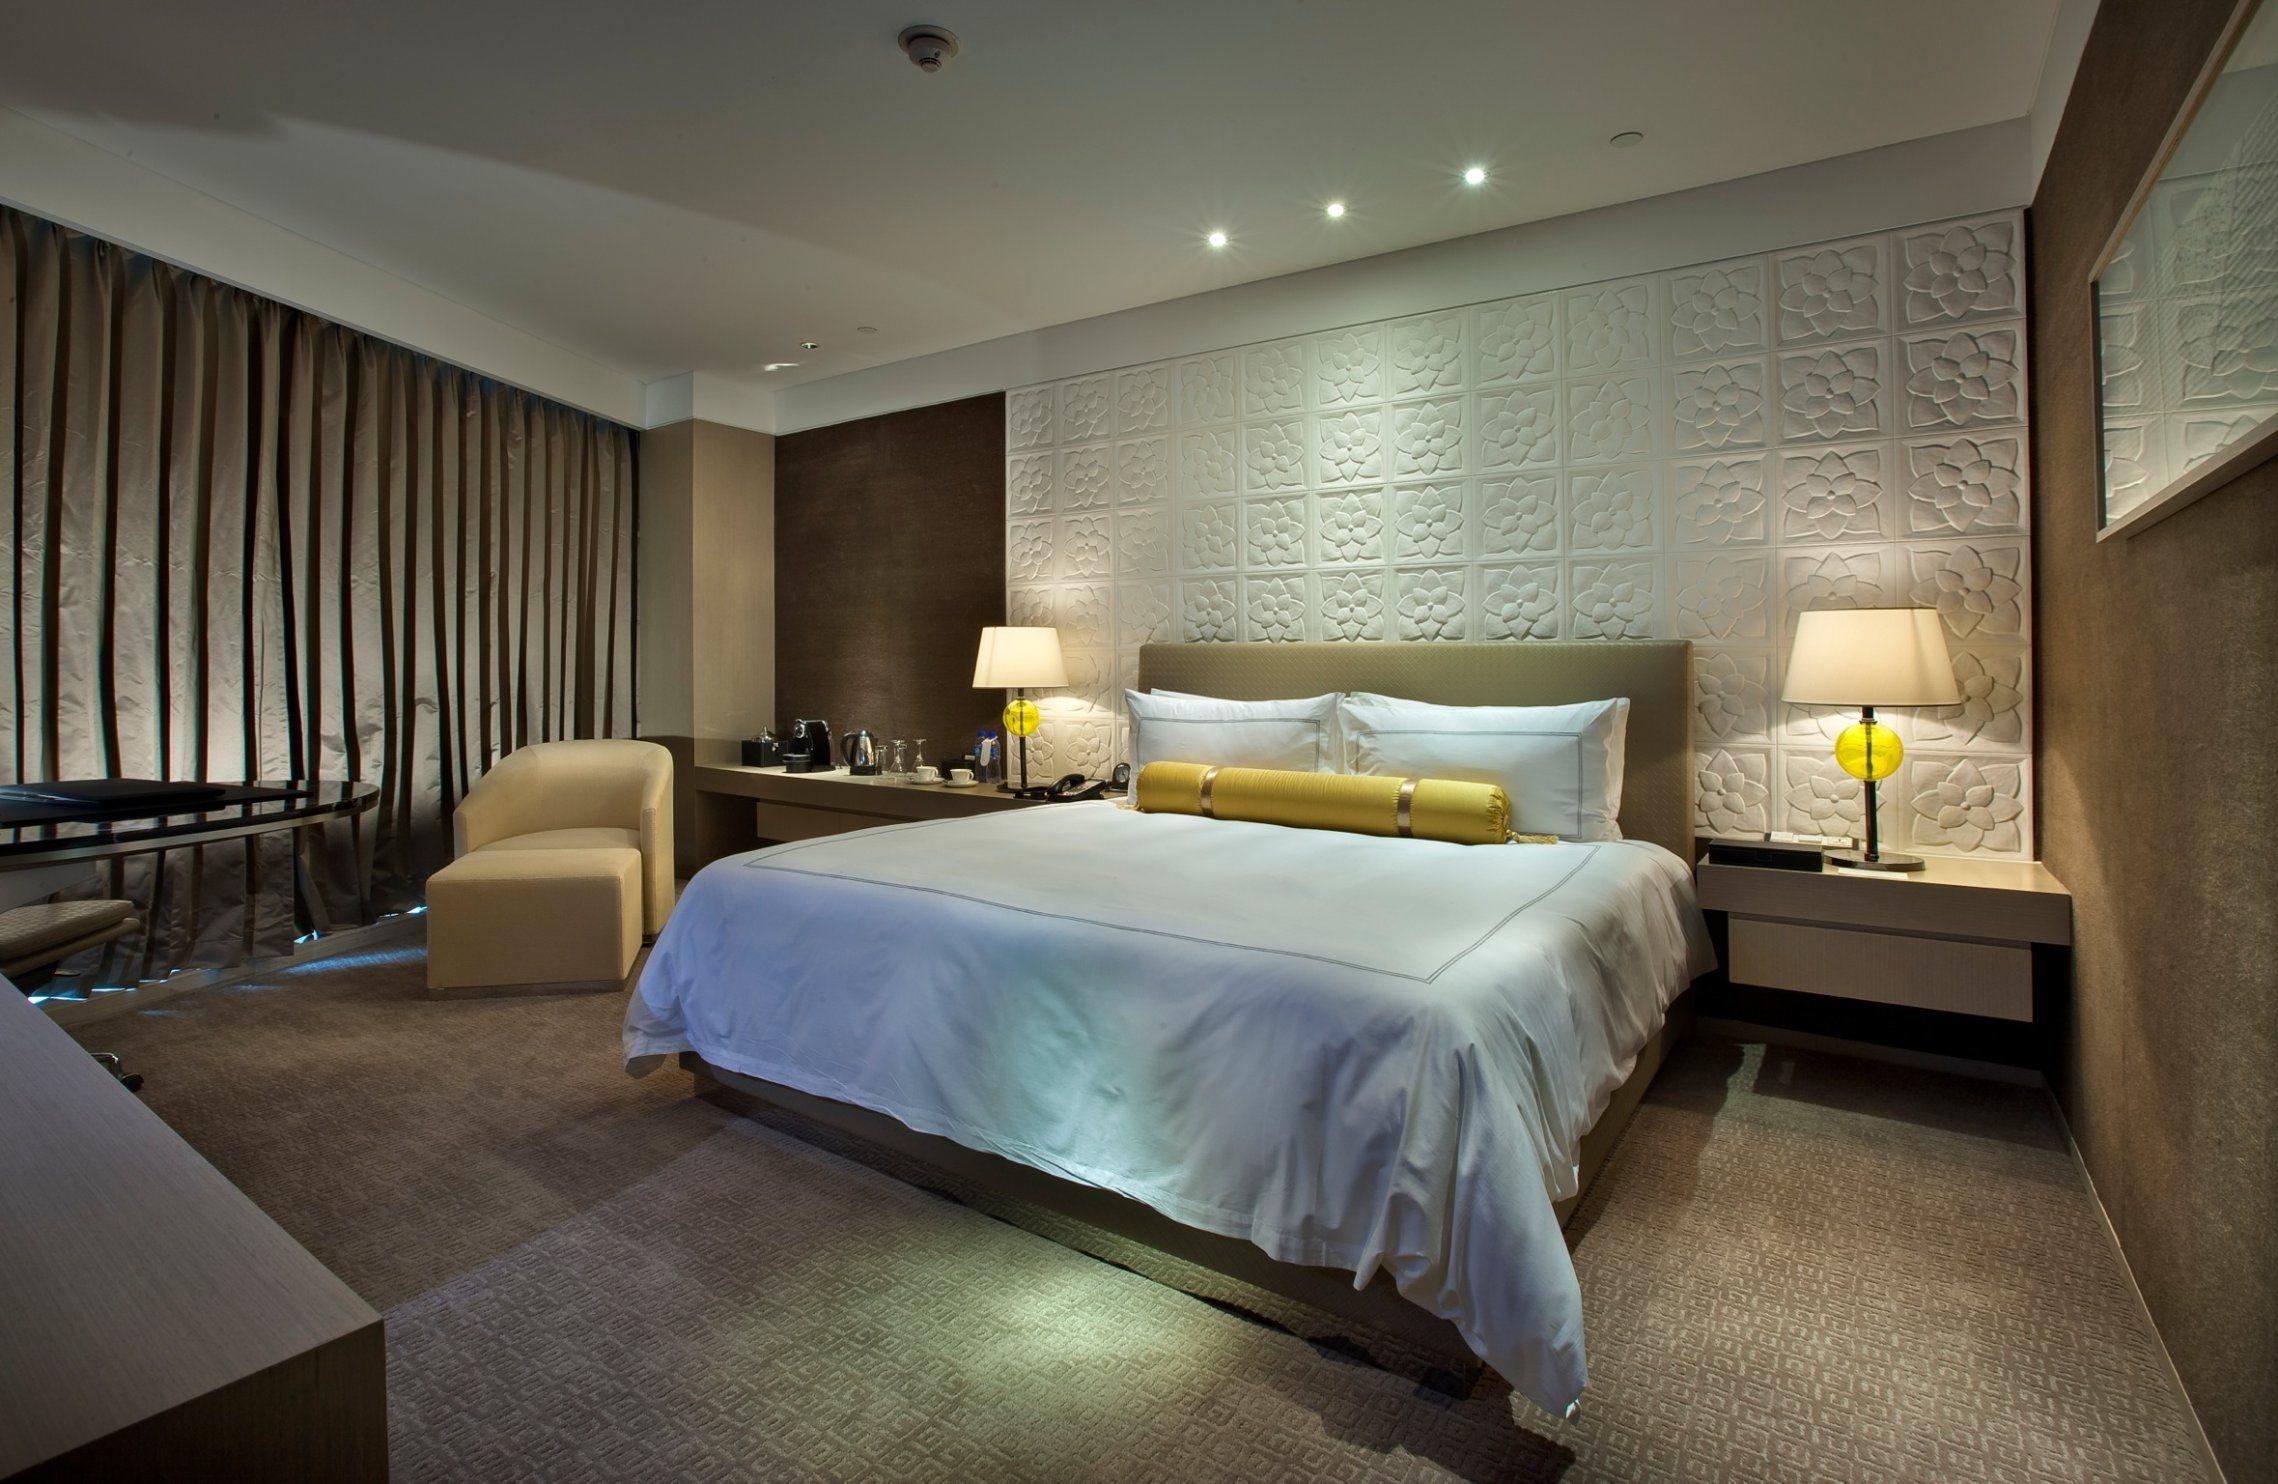 China 5 star hotel modern bedroom furniture hilton hotel furniture standard hotel kingsize for Hospitality bedroom furniture